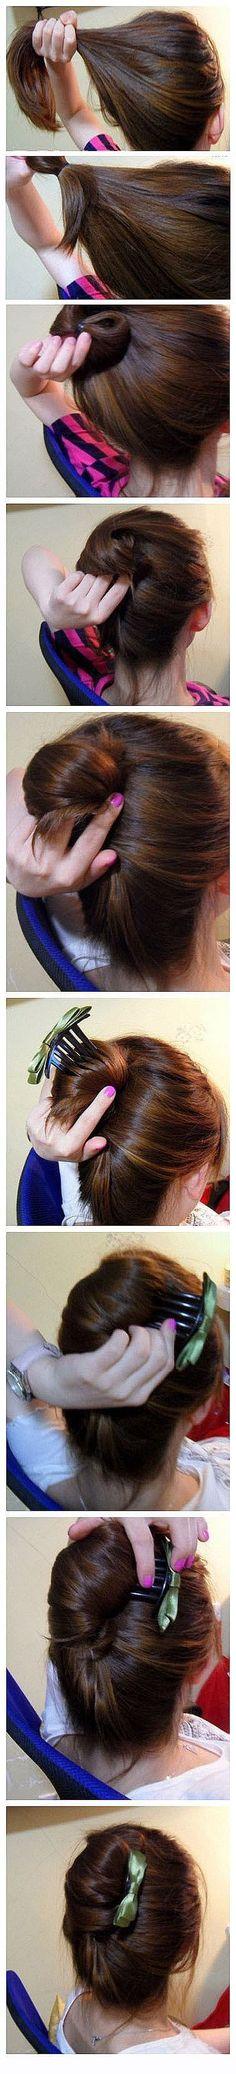 air hostess hairstyles